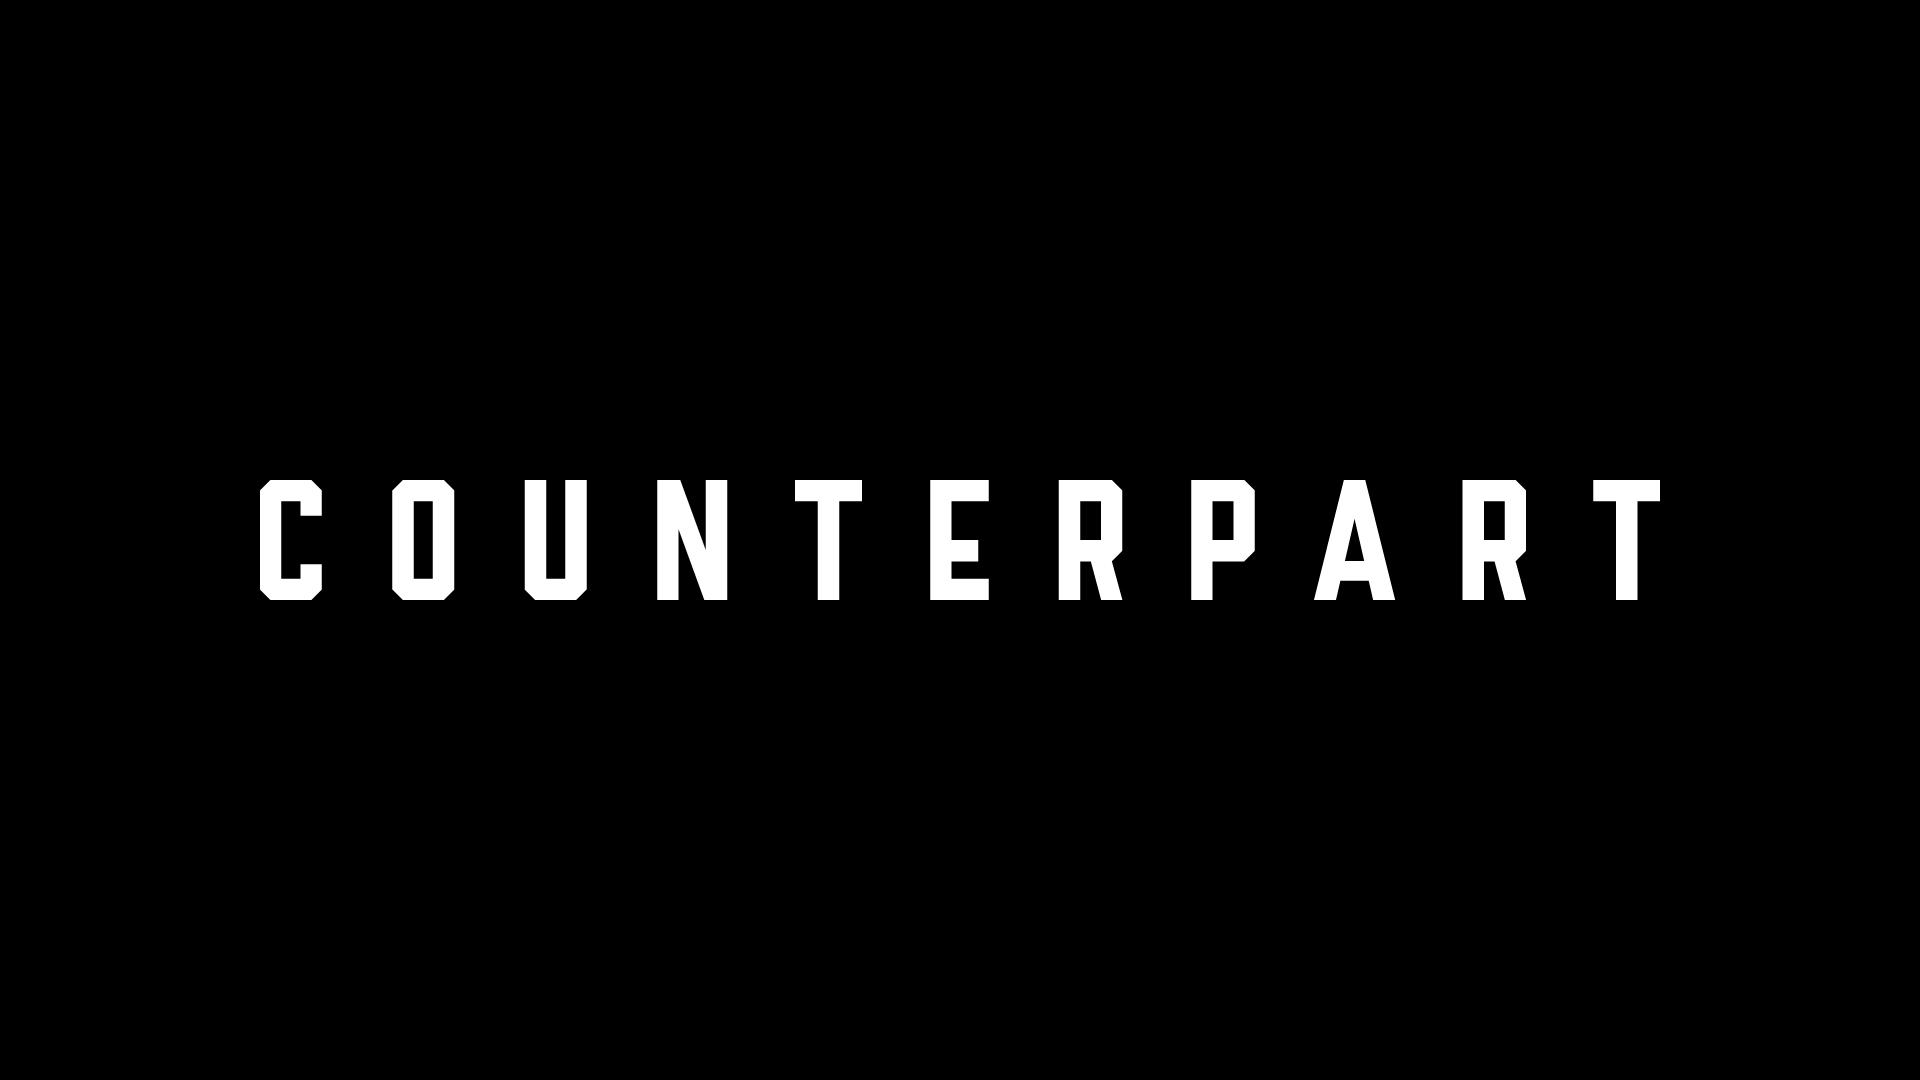 Counterpart season 2 air time